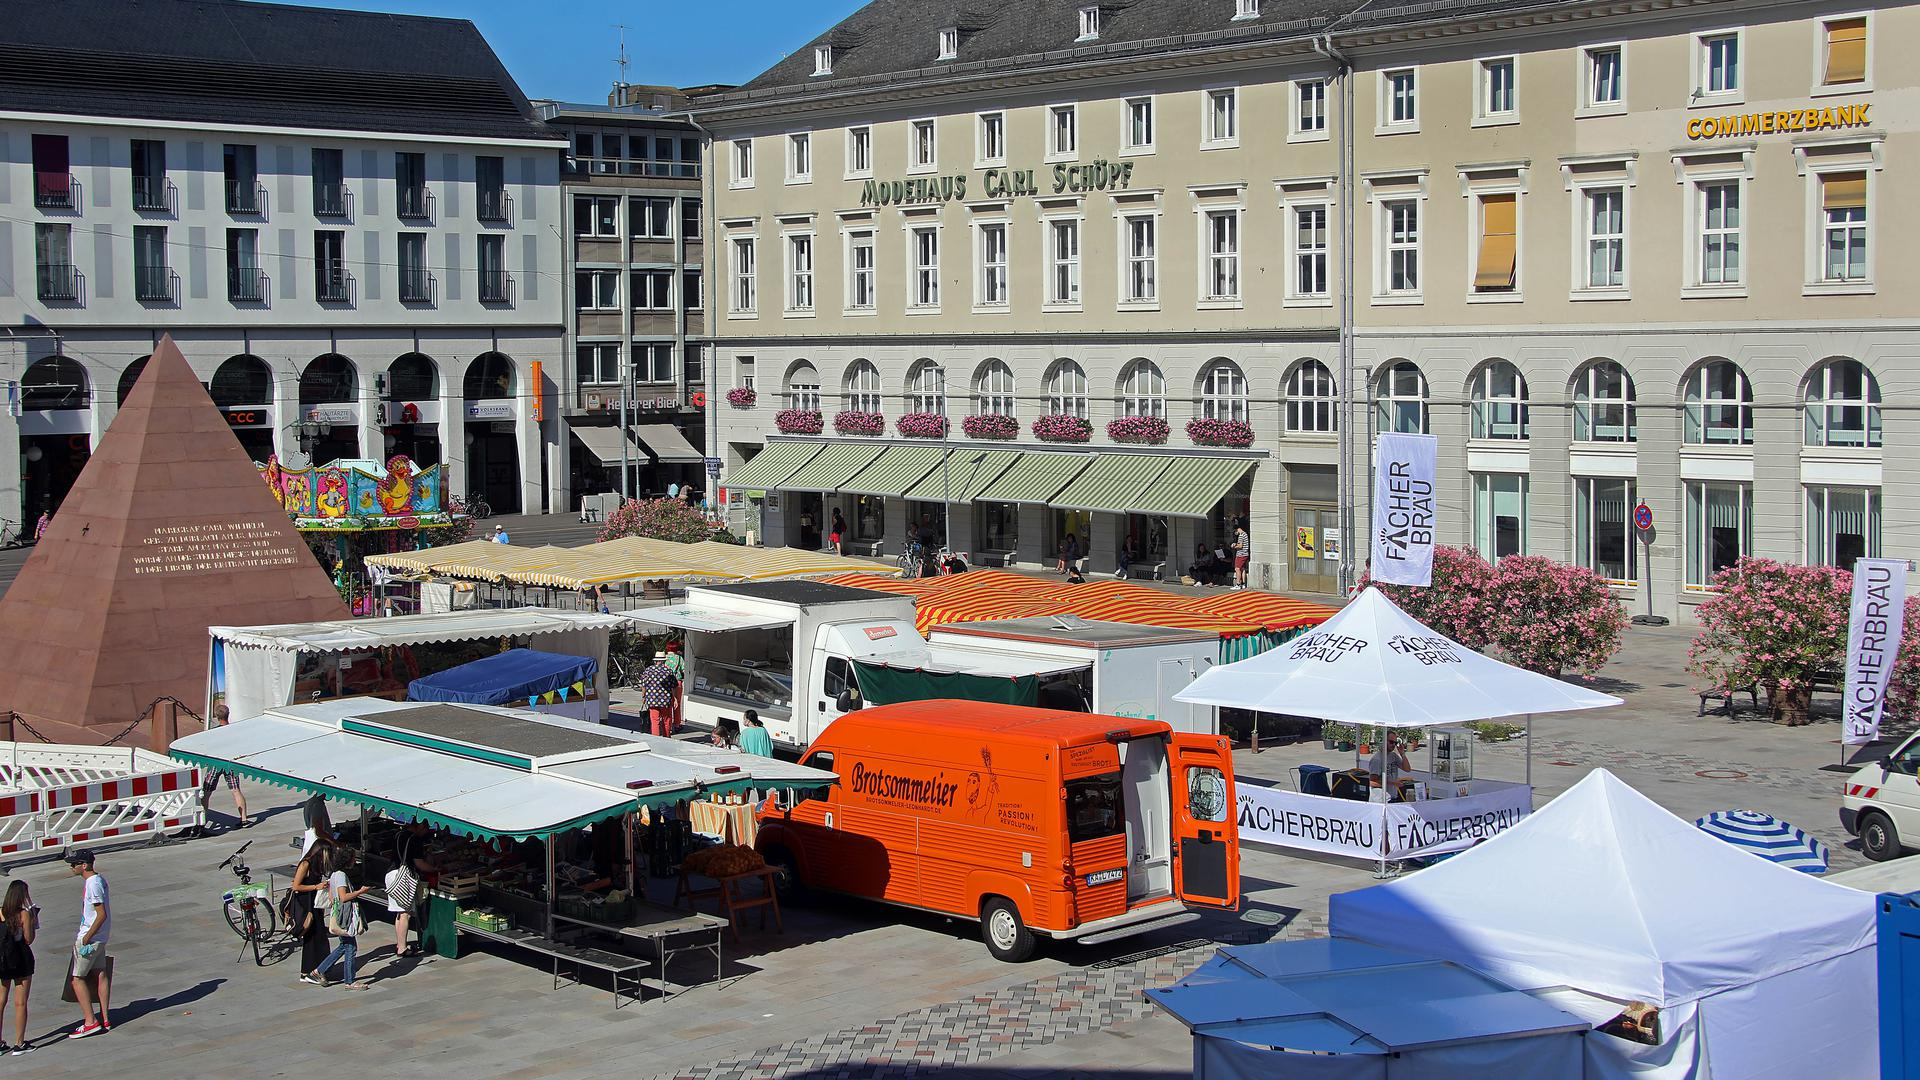 Macht seinem Namen Ehre: Jeden Mittwoch findet auf dem Marktplatz der Abendmarkt statt.